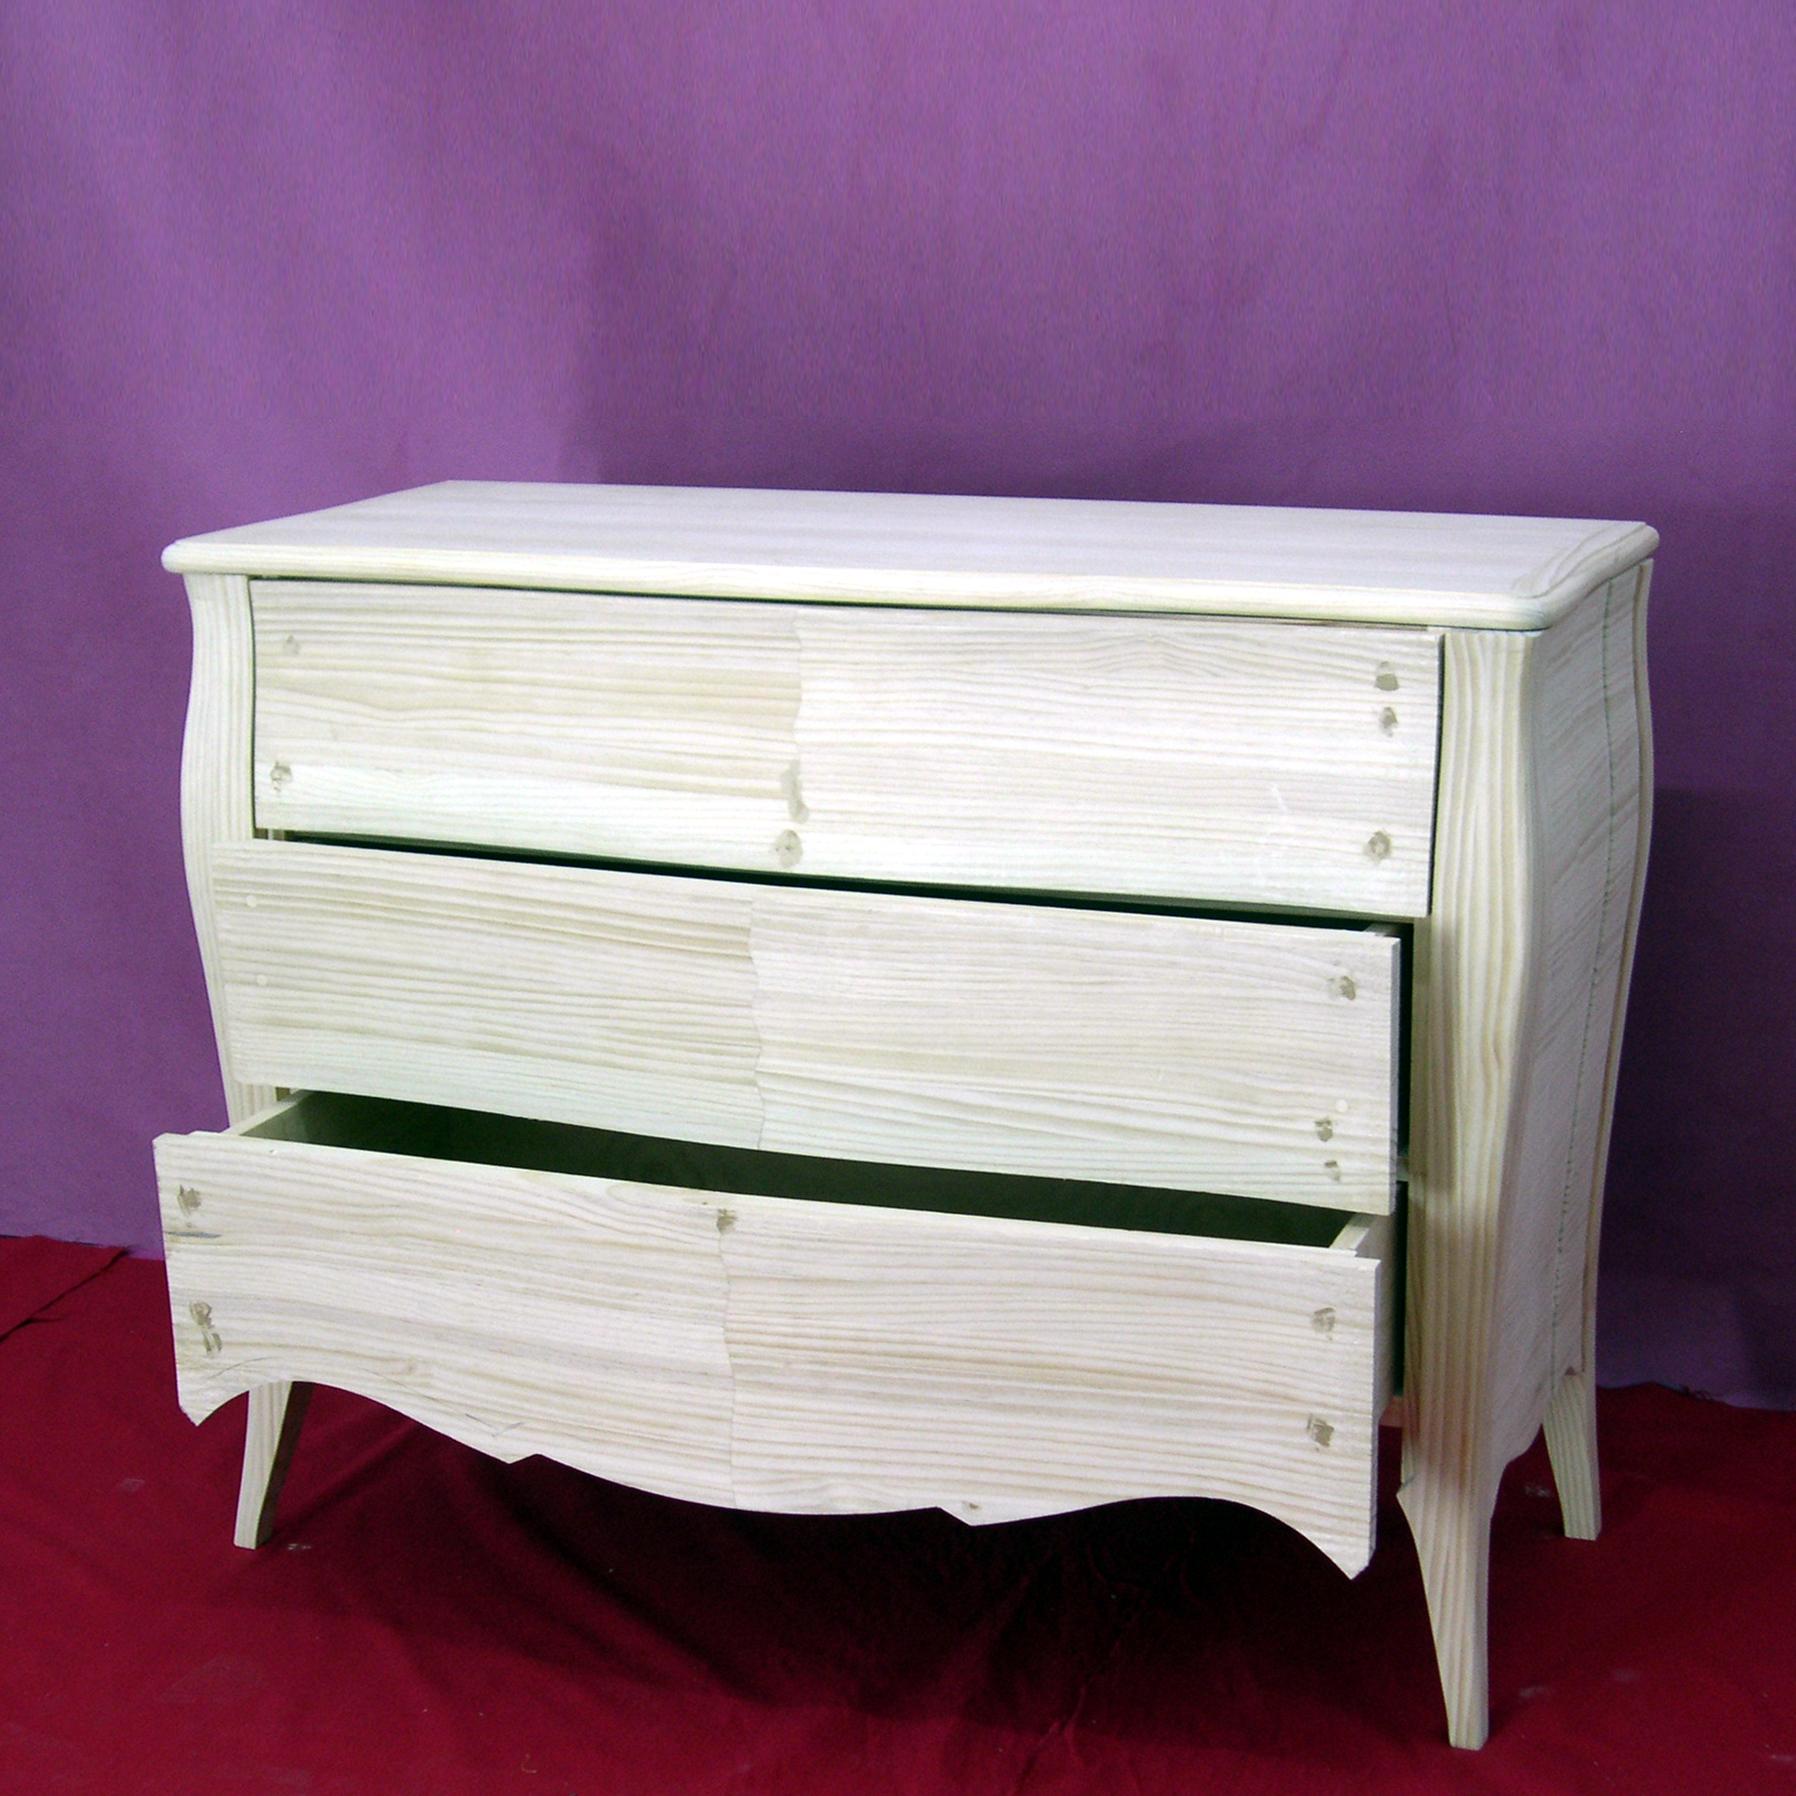 Informacion sobre productos de muebles los leones de la madera - Muebles los leones valencia ...